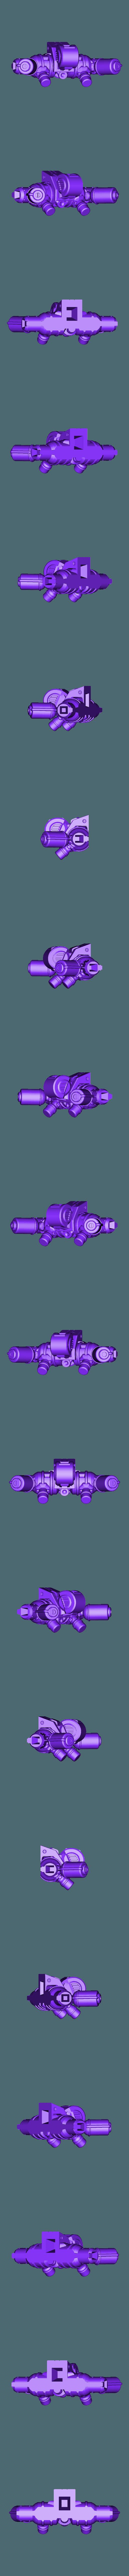 Top.stl Download free STL file EC-099 Assault Bot - 28-32mm gaming • 3D printer template, ec3d